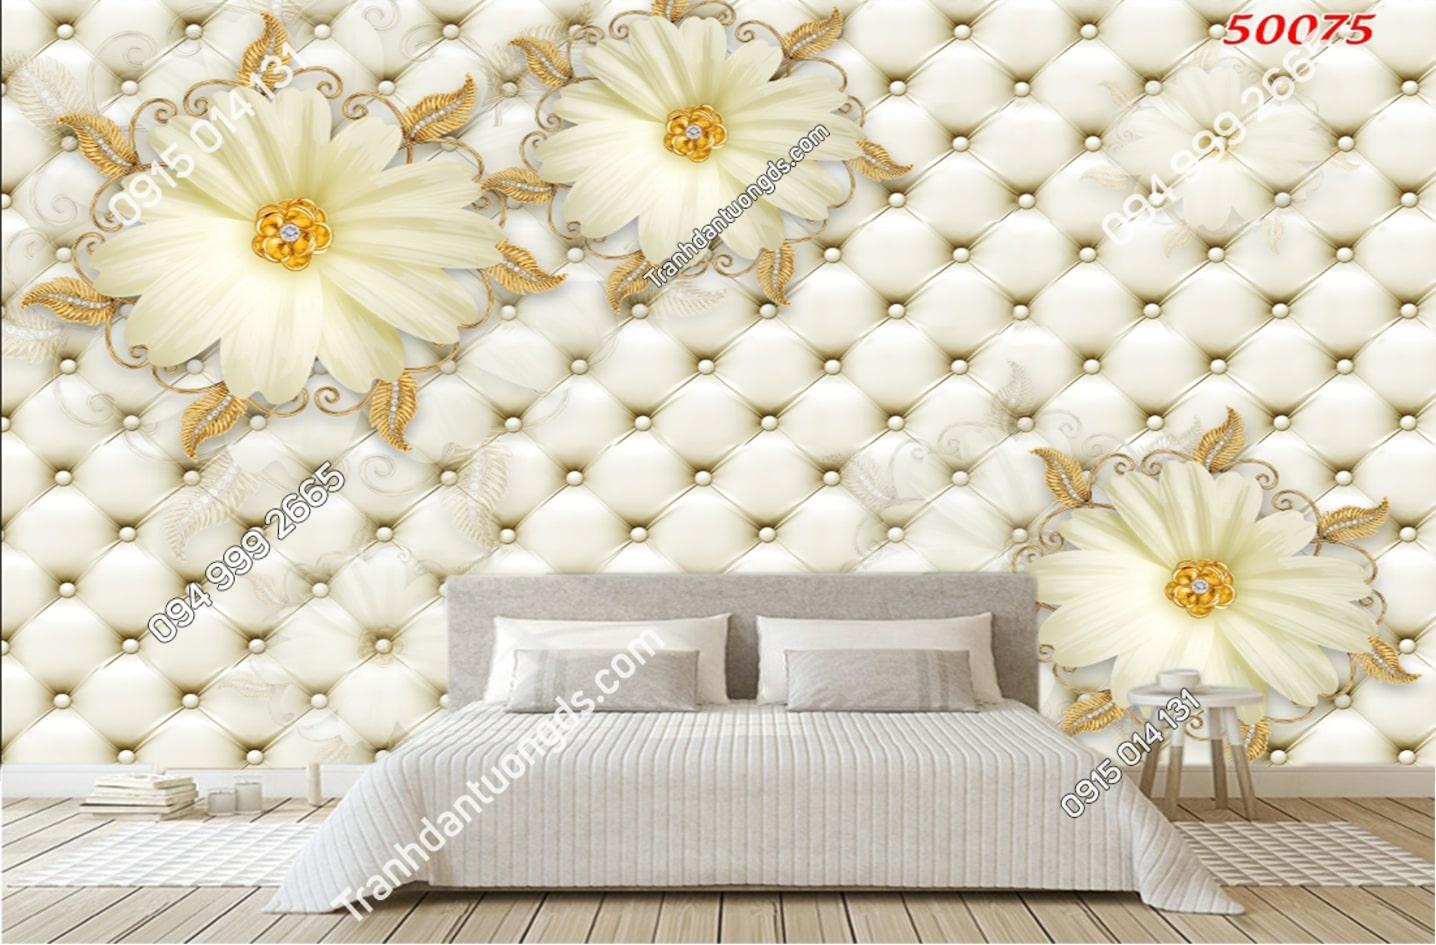 Tranh dán tường hoa 3D trắng giả ngọc 50075